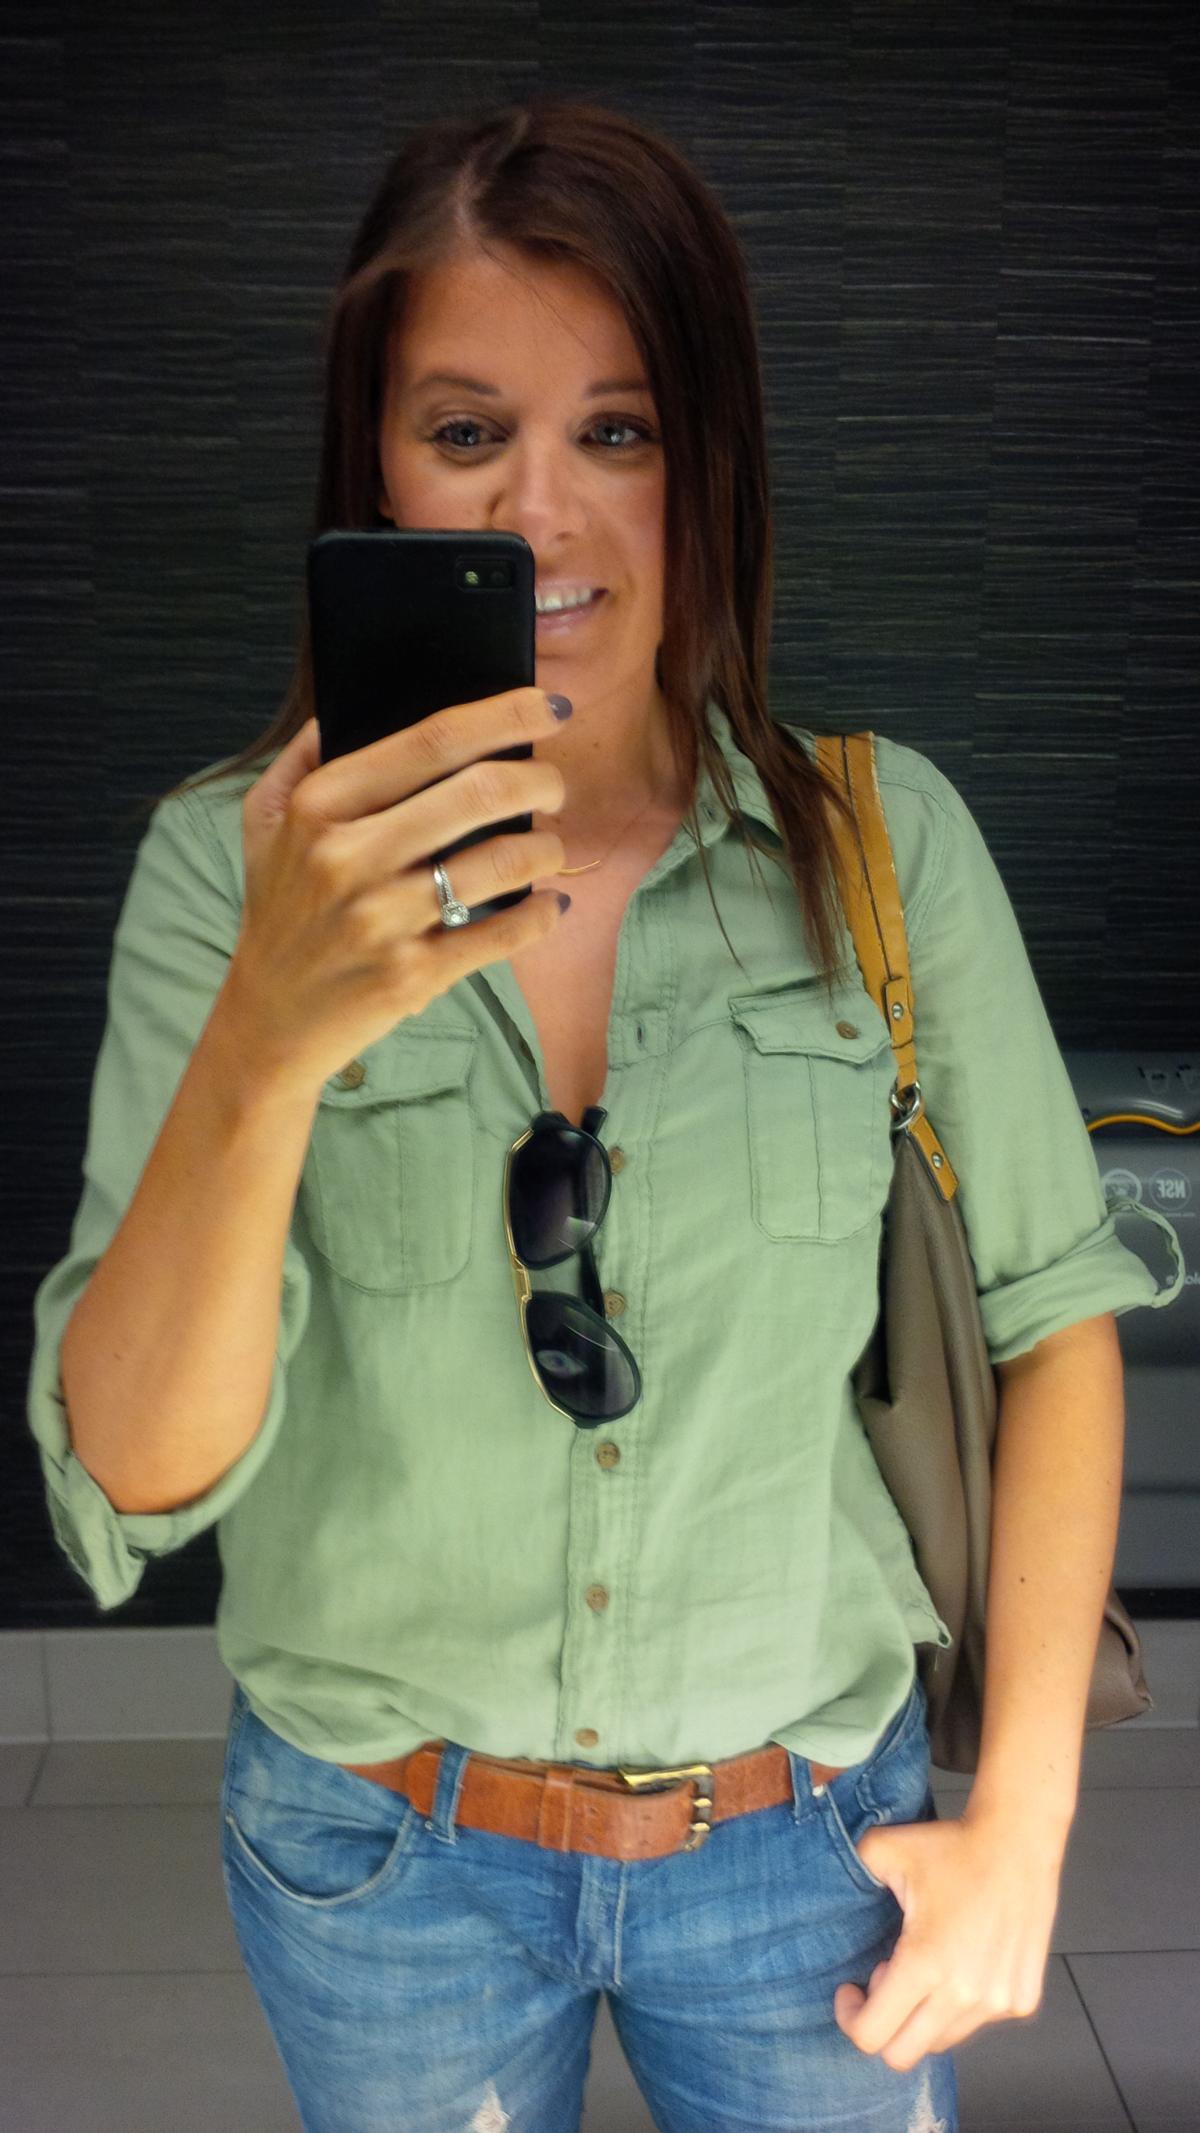 SF-mirror-selfie